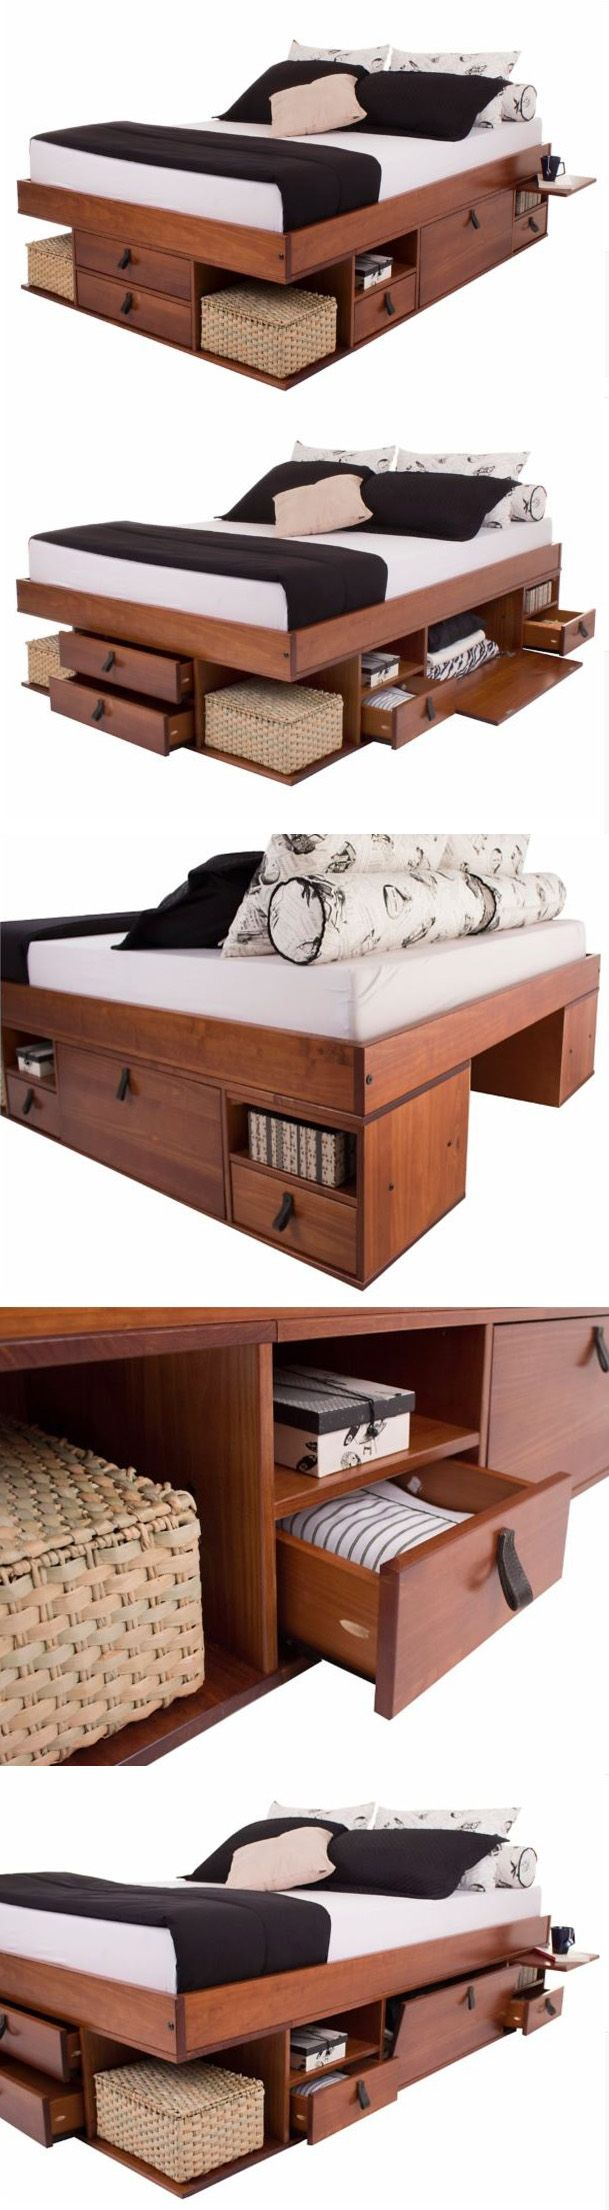 Cama de casal funcional   Woodwork   Pinterest   Camas, Dormitorio y ...